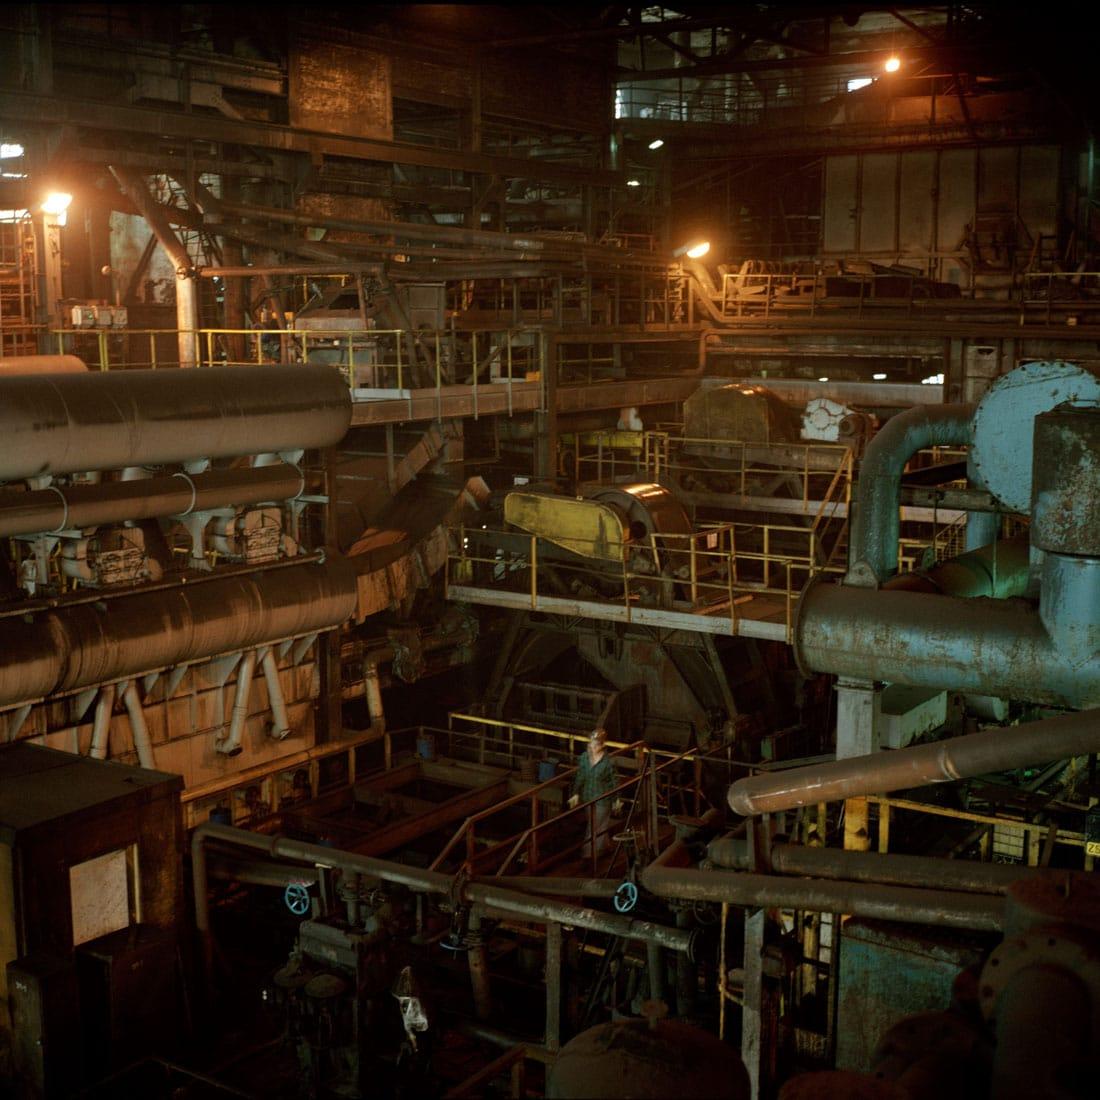 Polen, Knurow, 09-05-2008 Steenkolen mijn KWK Szczyglowice in Knurow. De wasserij, Hier worden de kolen op grootte gesorteerd en gewassen. PHOTO AND COPYRIGHT ROGER CREMERS